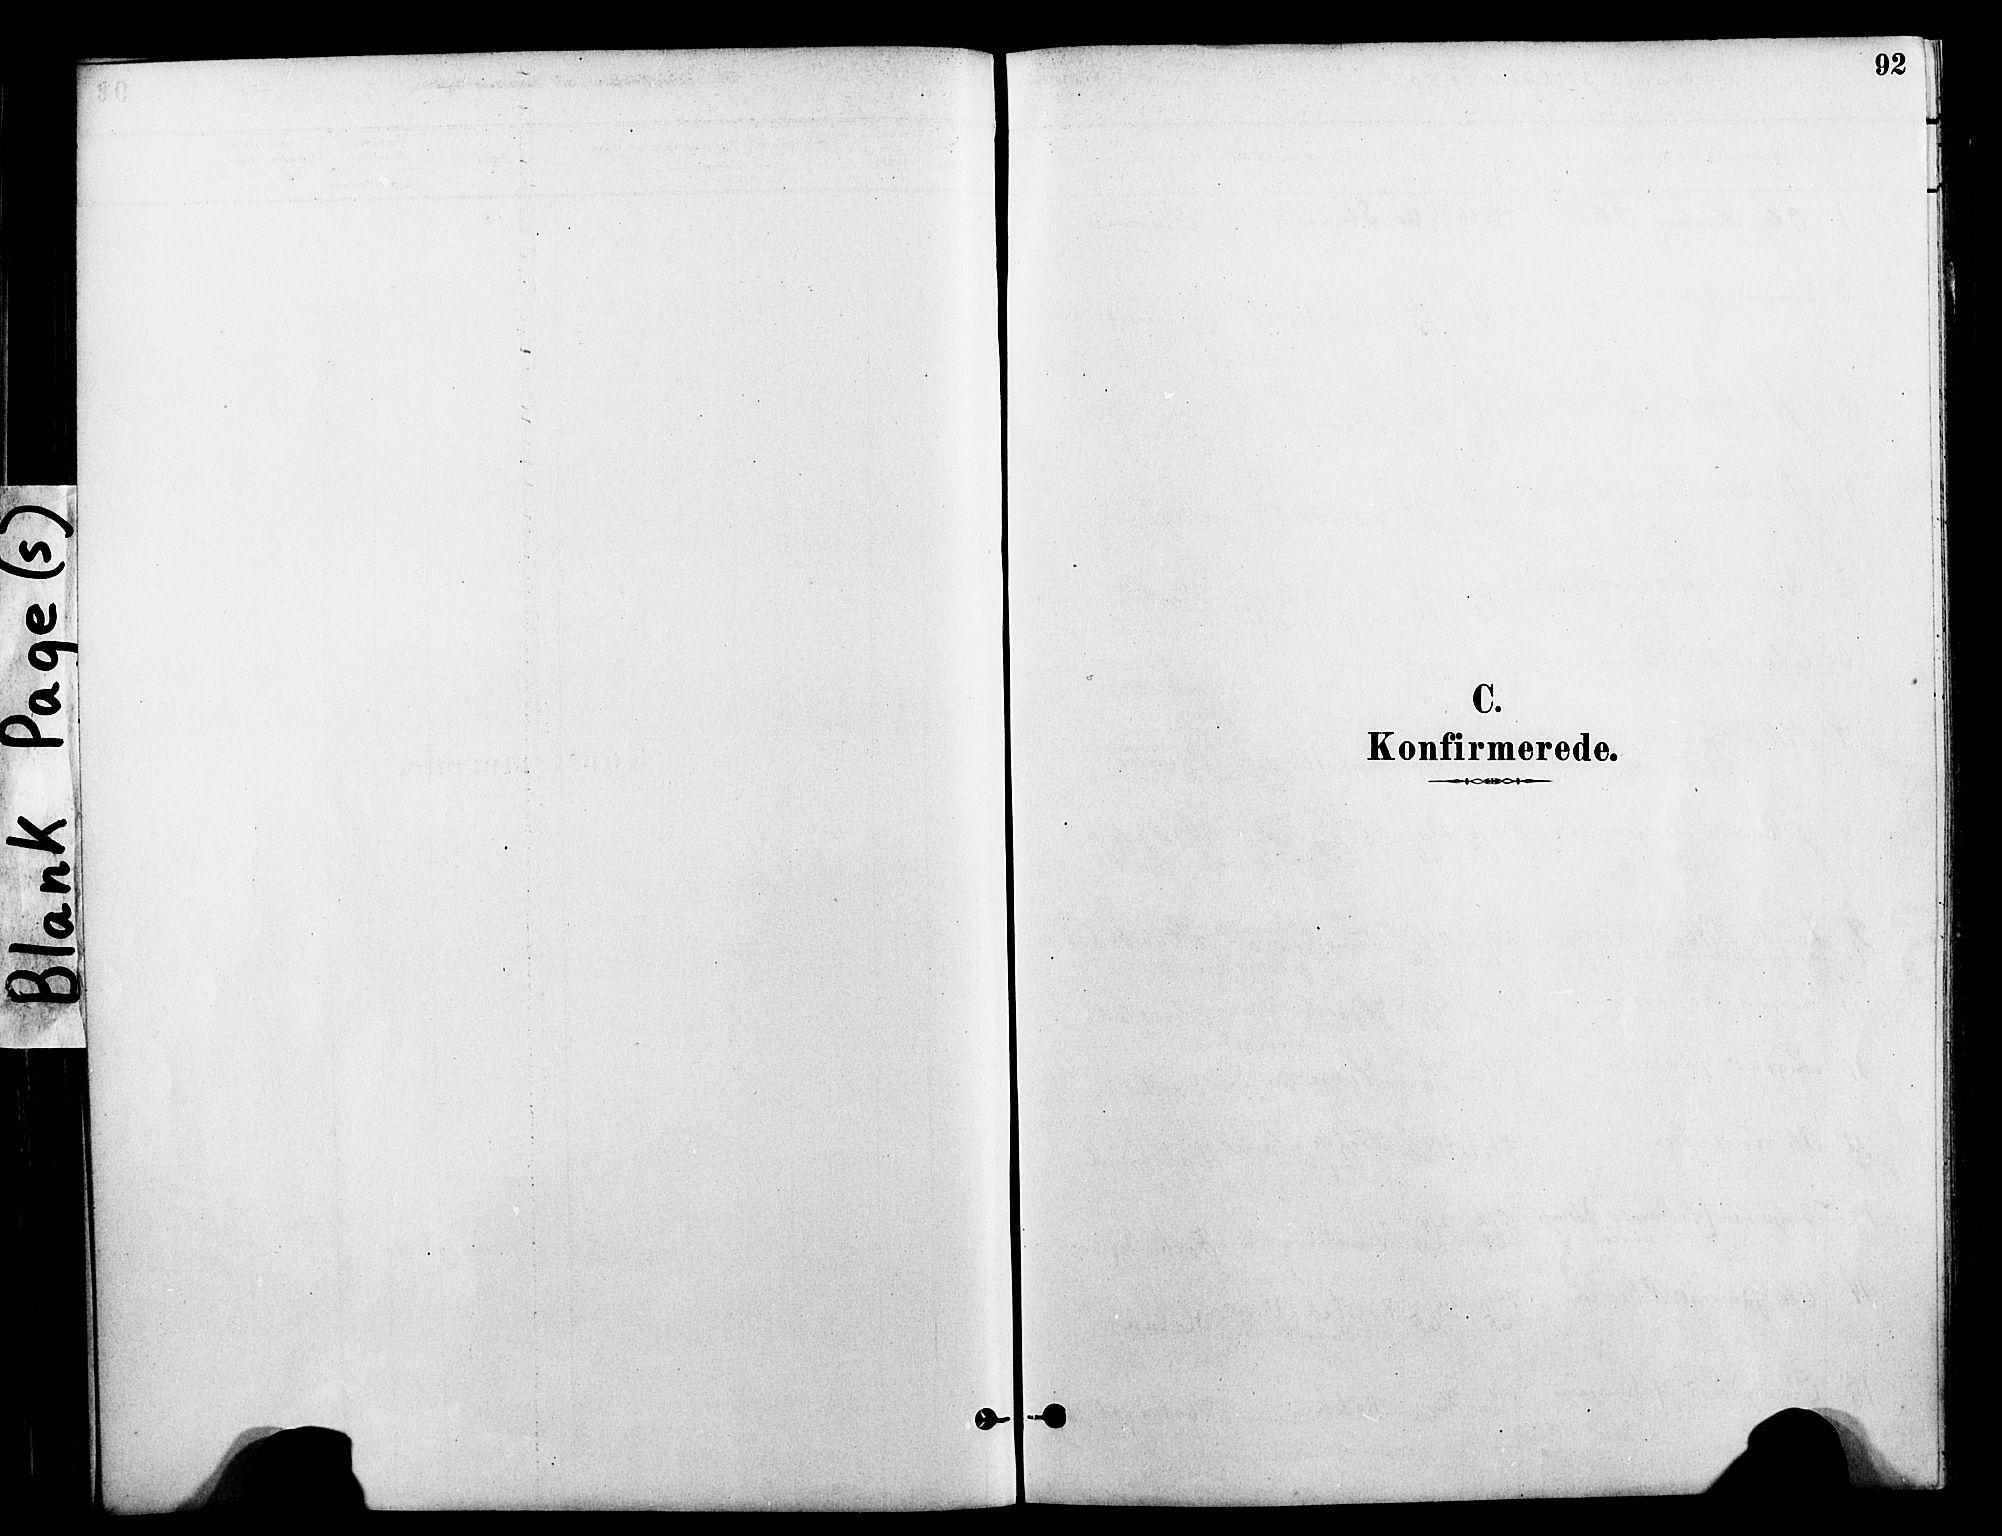 SAT, Ministerialprotokoller, klokkerbøker og fødselsregistre - Nord-Trøndelag, 712/L0100: Ministerialbok nr. 712A01, 1880-1900, s. 92